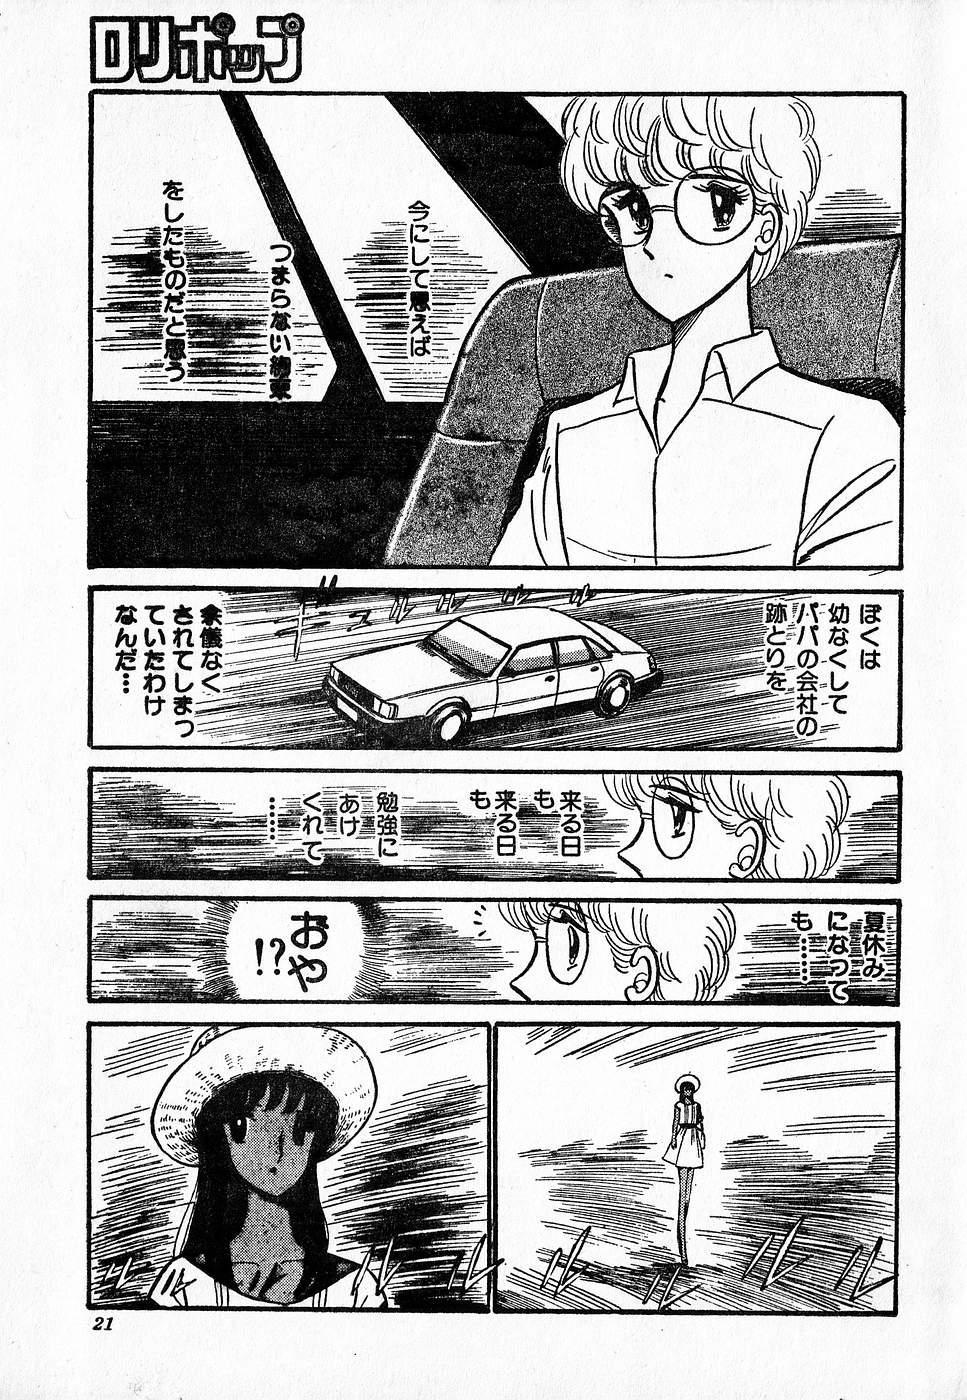 COMIC Lolipop 1985-10 Soukanjunbigou Aki 20